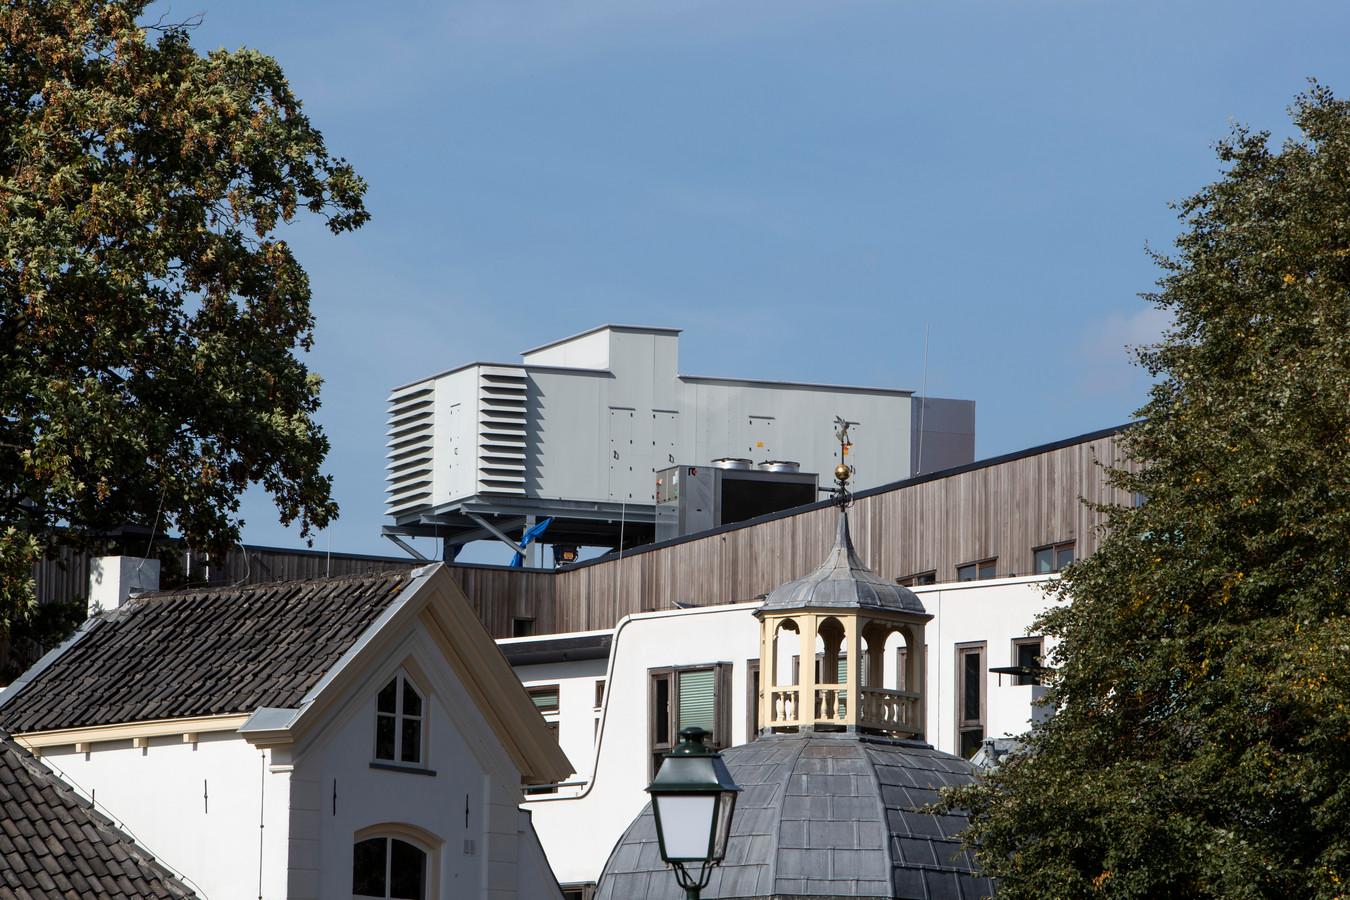 De illegale luchtbehandelingsinstallatie op het dak van het Zutphense stadhuis werd in de volksmond ook wel de UFO van Zutphen genoemd.